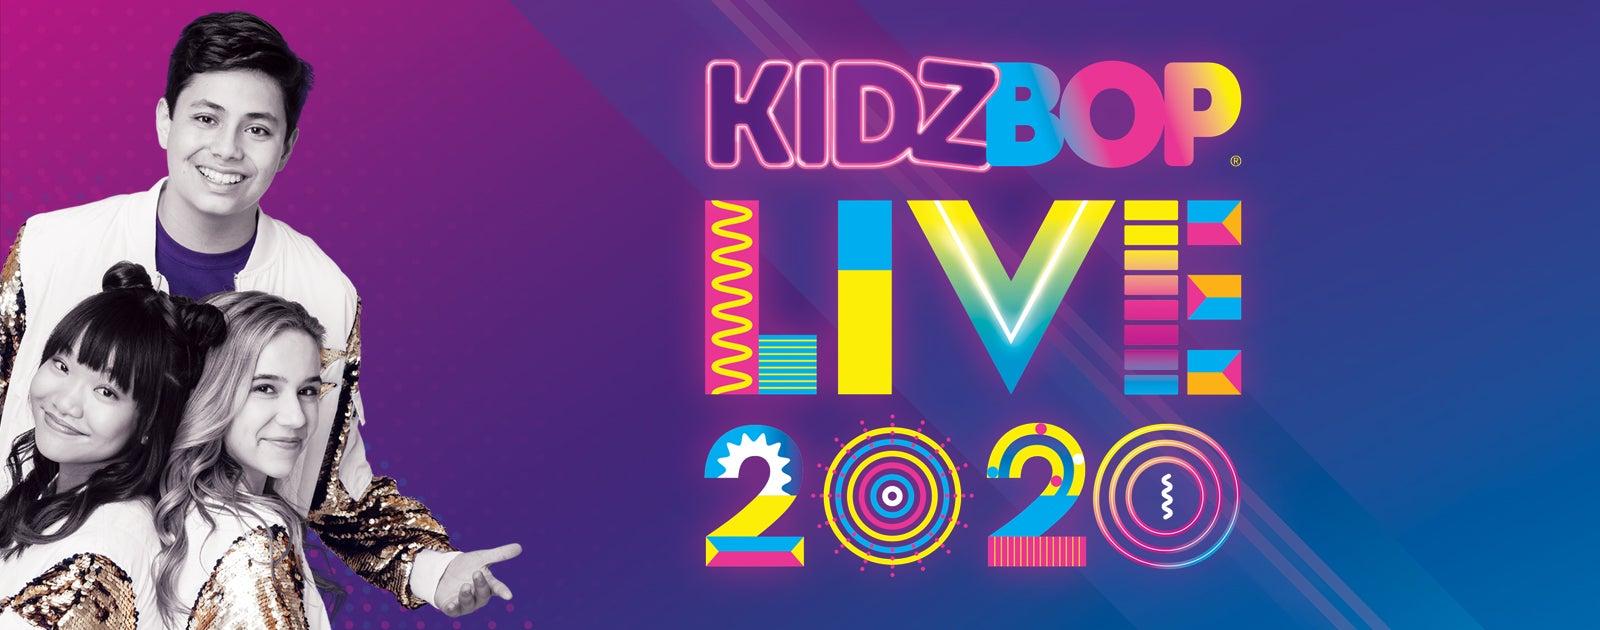 KIDZ BOP Live 2020 Tour - CANCELED